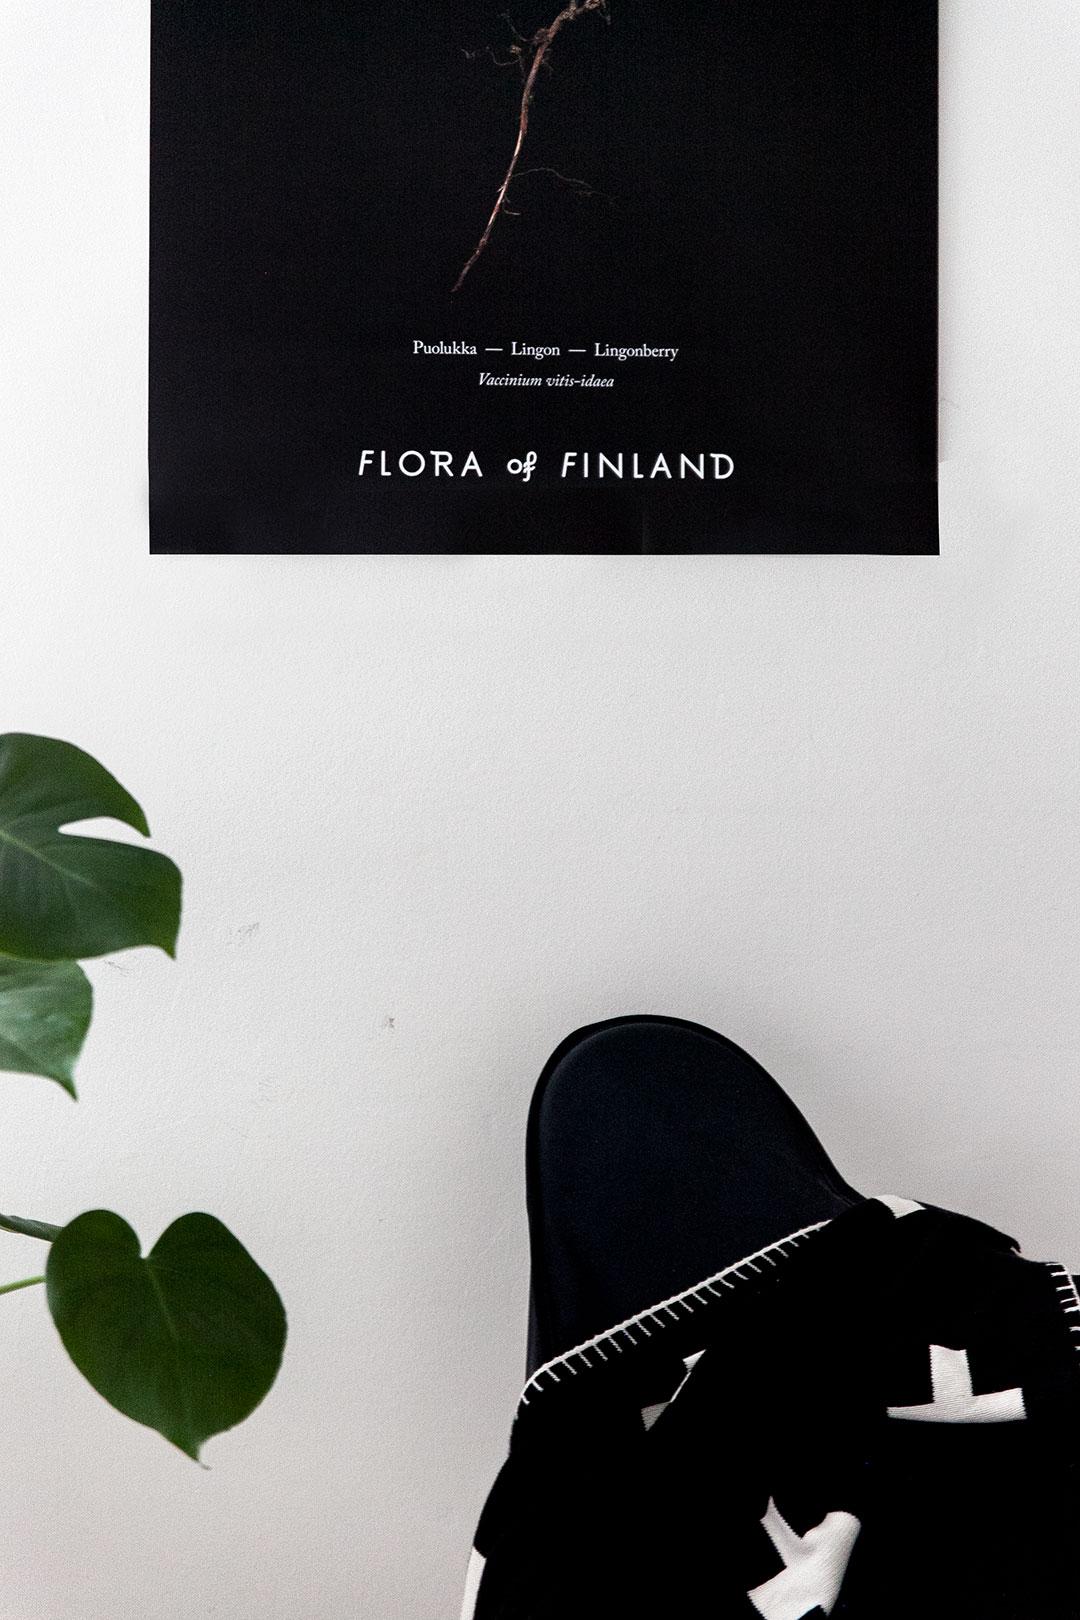 floraoffinland_05